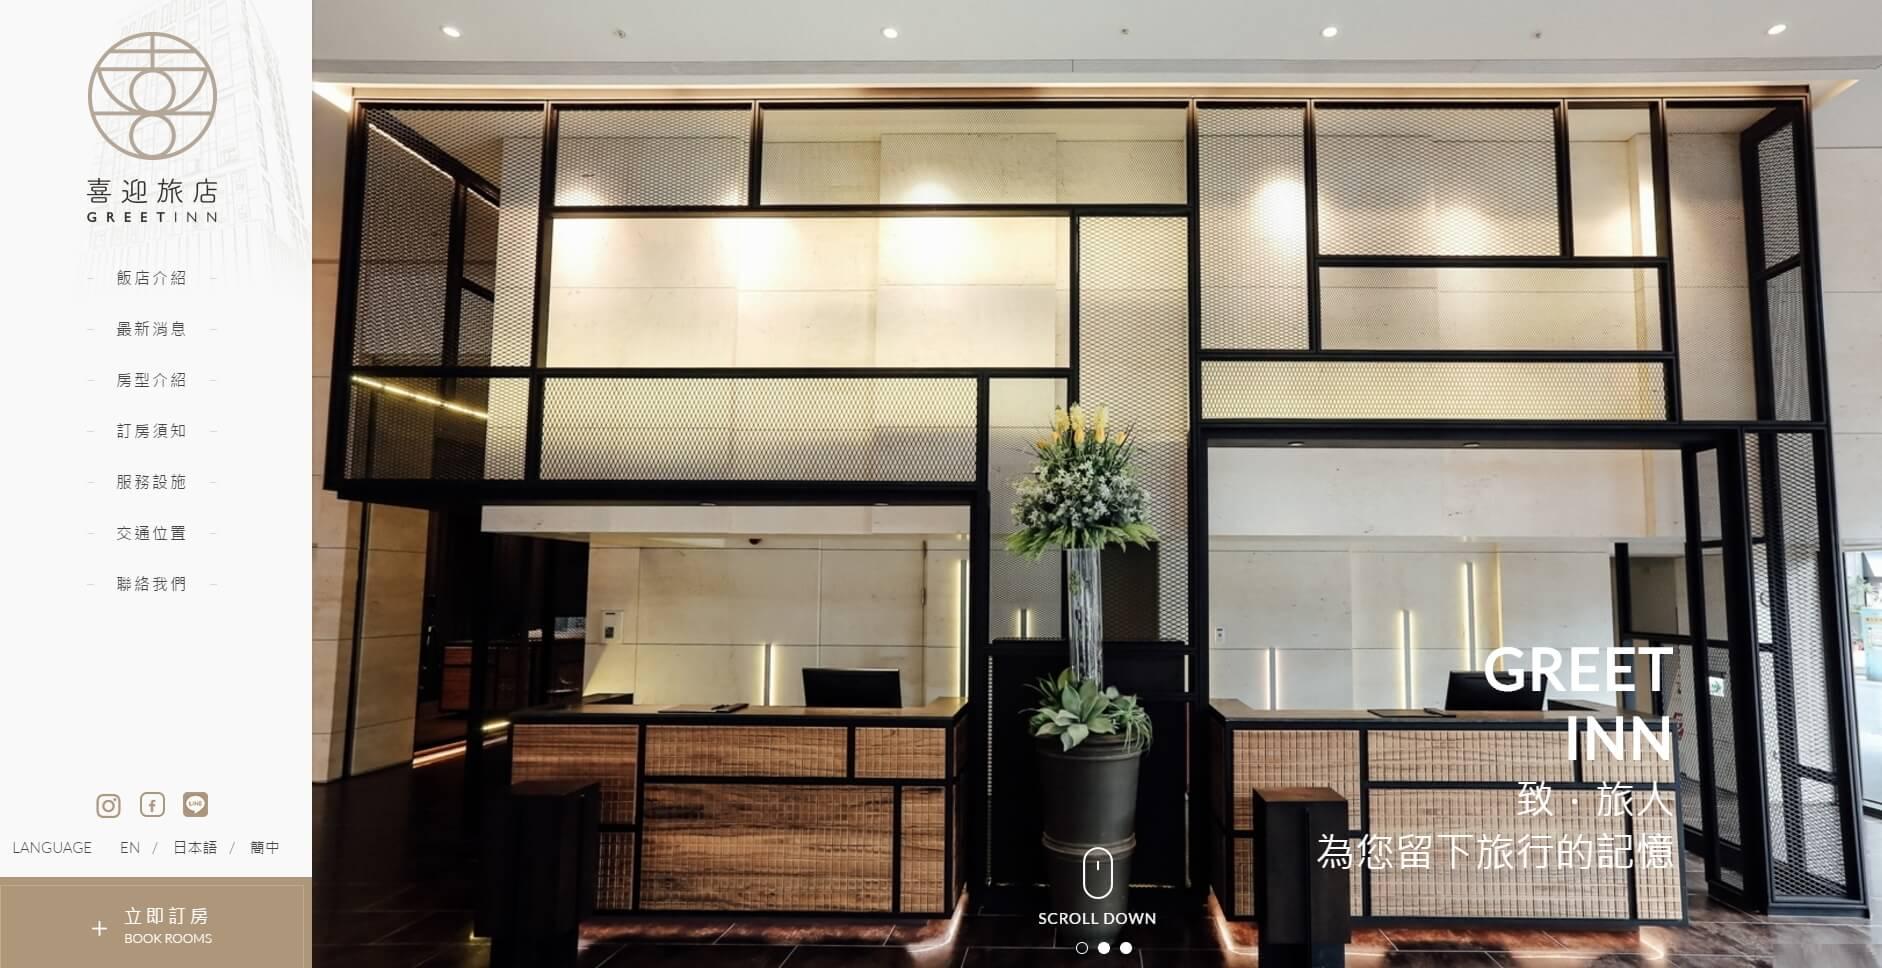 喜迎旅店-網頁設計